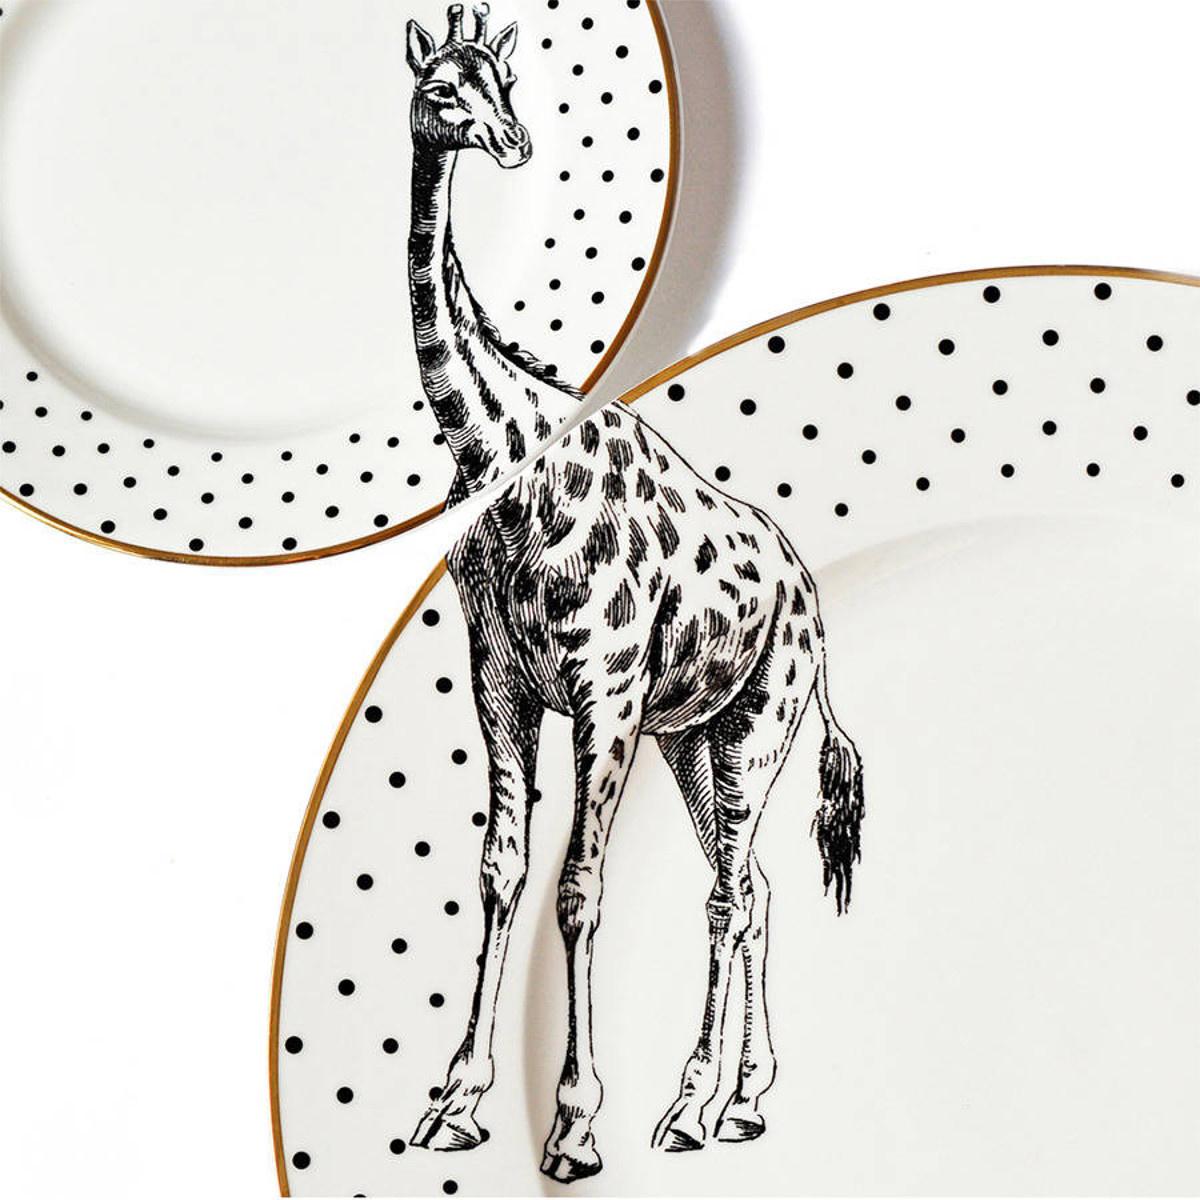 Yvonne Ellen Yvonne Ellen London Monochrome 2-er Set - 1 Teller Ø 26,5 cm und 1 Teller Ø 16 cm - Giraffe Motiv - Bone China Porzellan - In schöner Geschenkverpackung